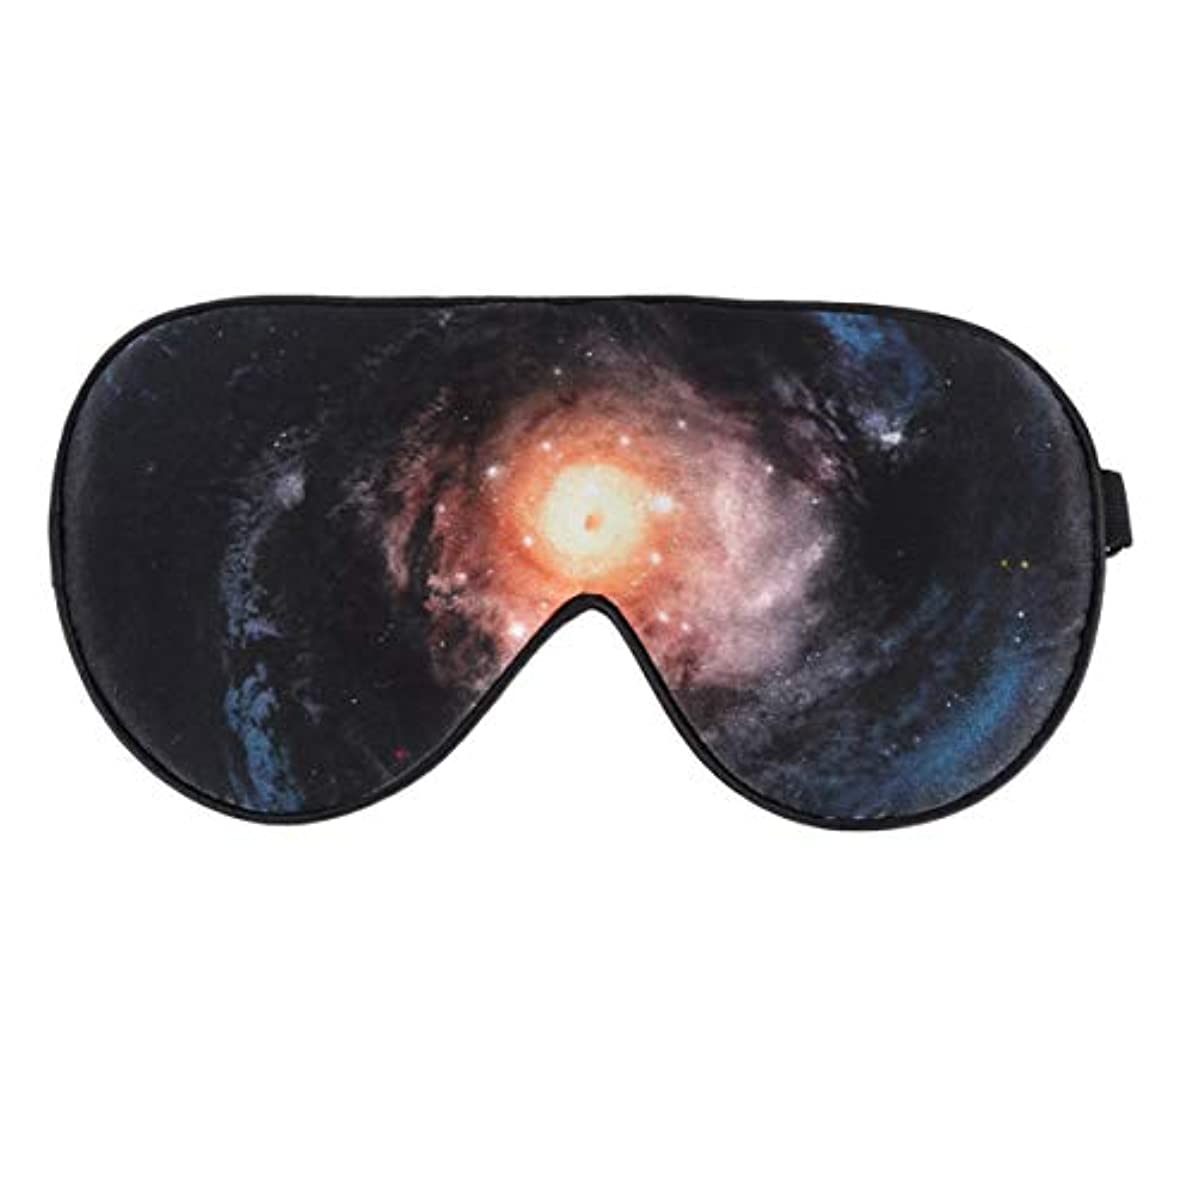 一族ご予約処方Healifty 睡眠アイマスクソフト目隠しシェーディングアイパッチ星空アイマスク仮眠睡眠旅行